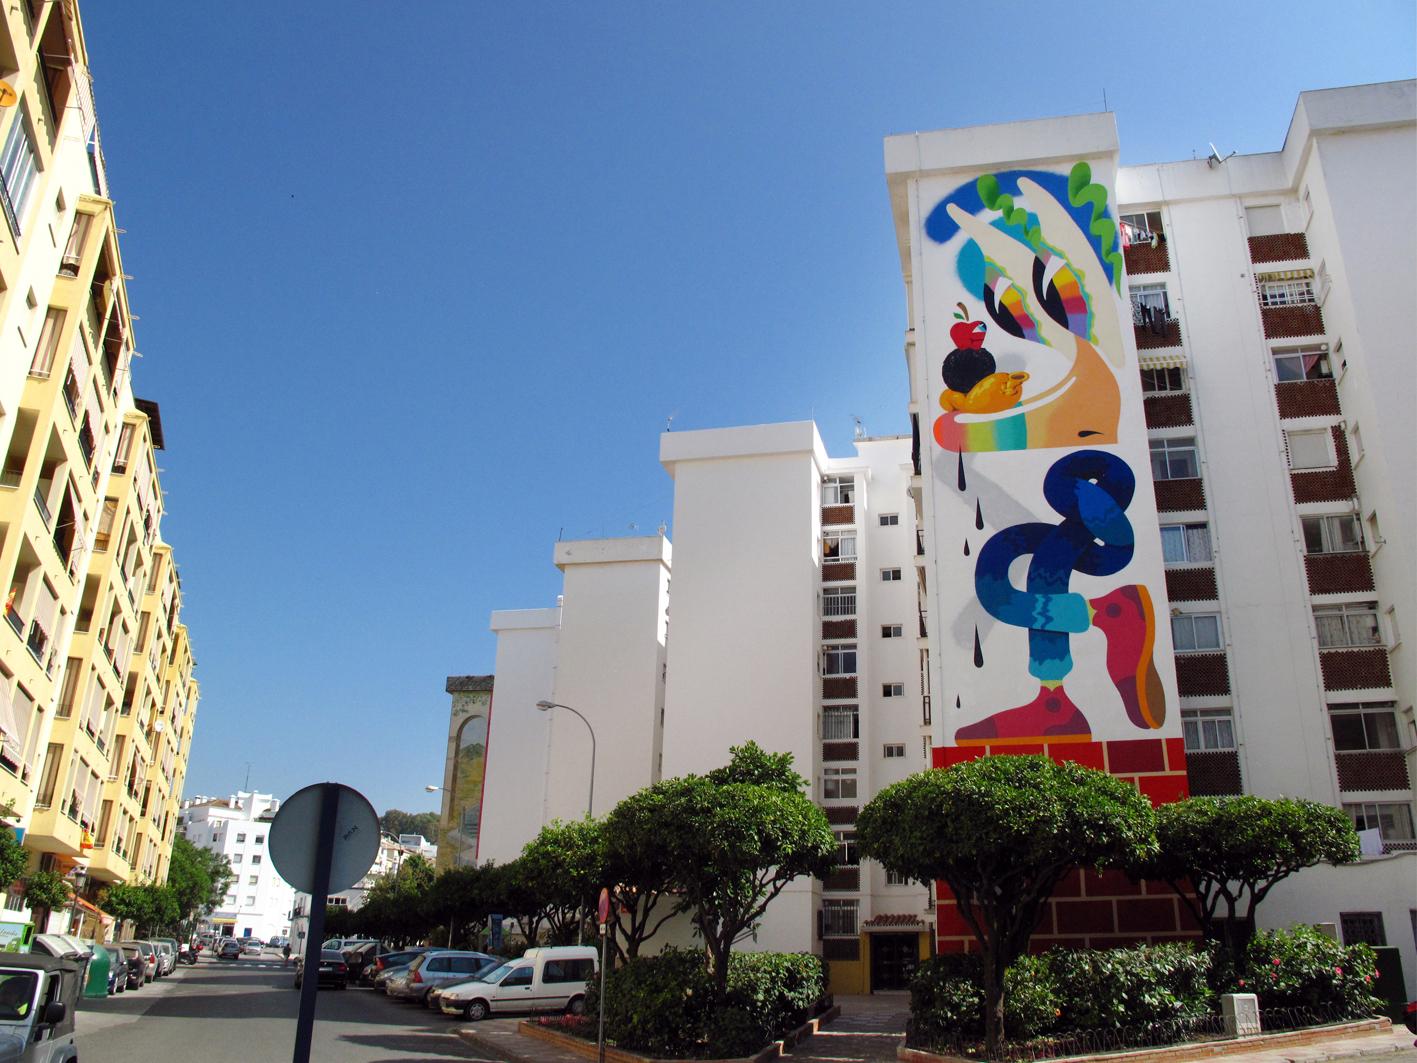 nano4814-new-mural-in-estepona-spain-01